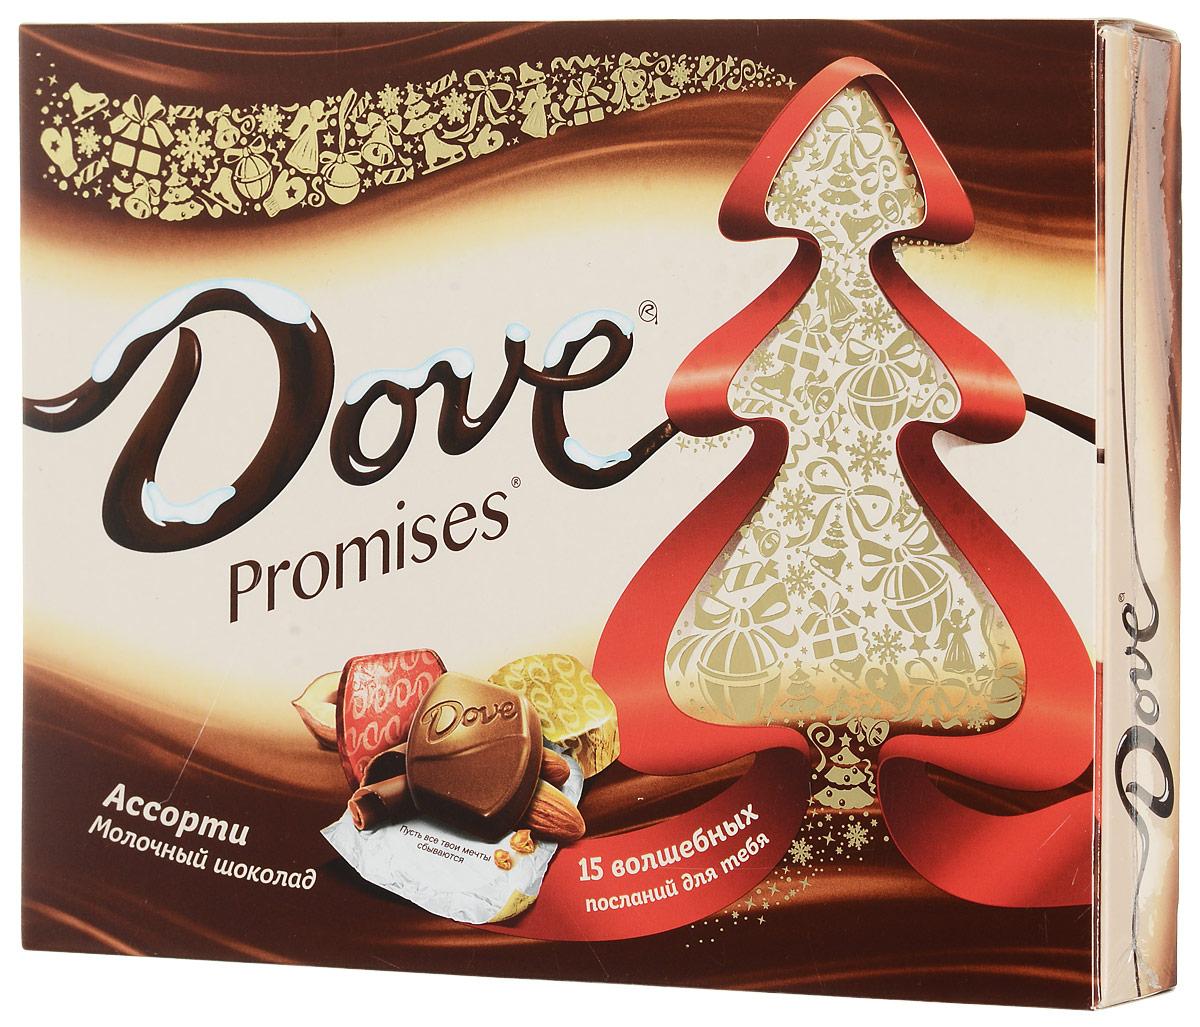 Dove Promises Ассорти молочный шоколад, 118 г79004047Шоколад Dove нежный, как шелк: такой же обволакивающий, роскошный, соблазнительный. Dove изготовлен только из высококачественных, натуральных ингредиентов. Окунитесь в шелковое удовольствие!Уважаемые клиенты! Обращаем ваше внимание, что полный перечень состава продукта представлен на дополнительном изображении.Упаковка может иметь несколько видов дизайна. Поставка осуществляется в зависимости от наличия на складе.